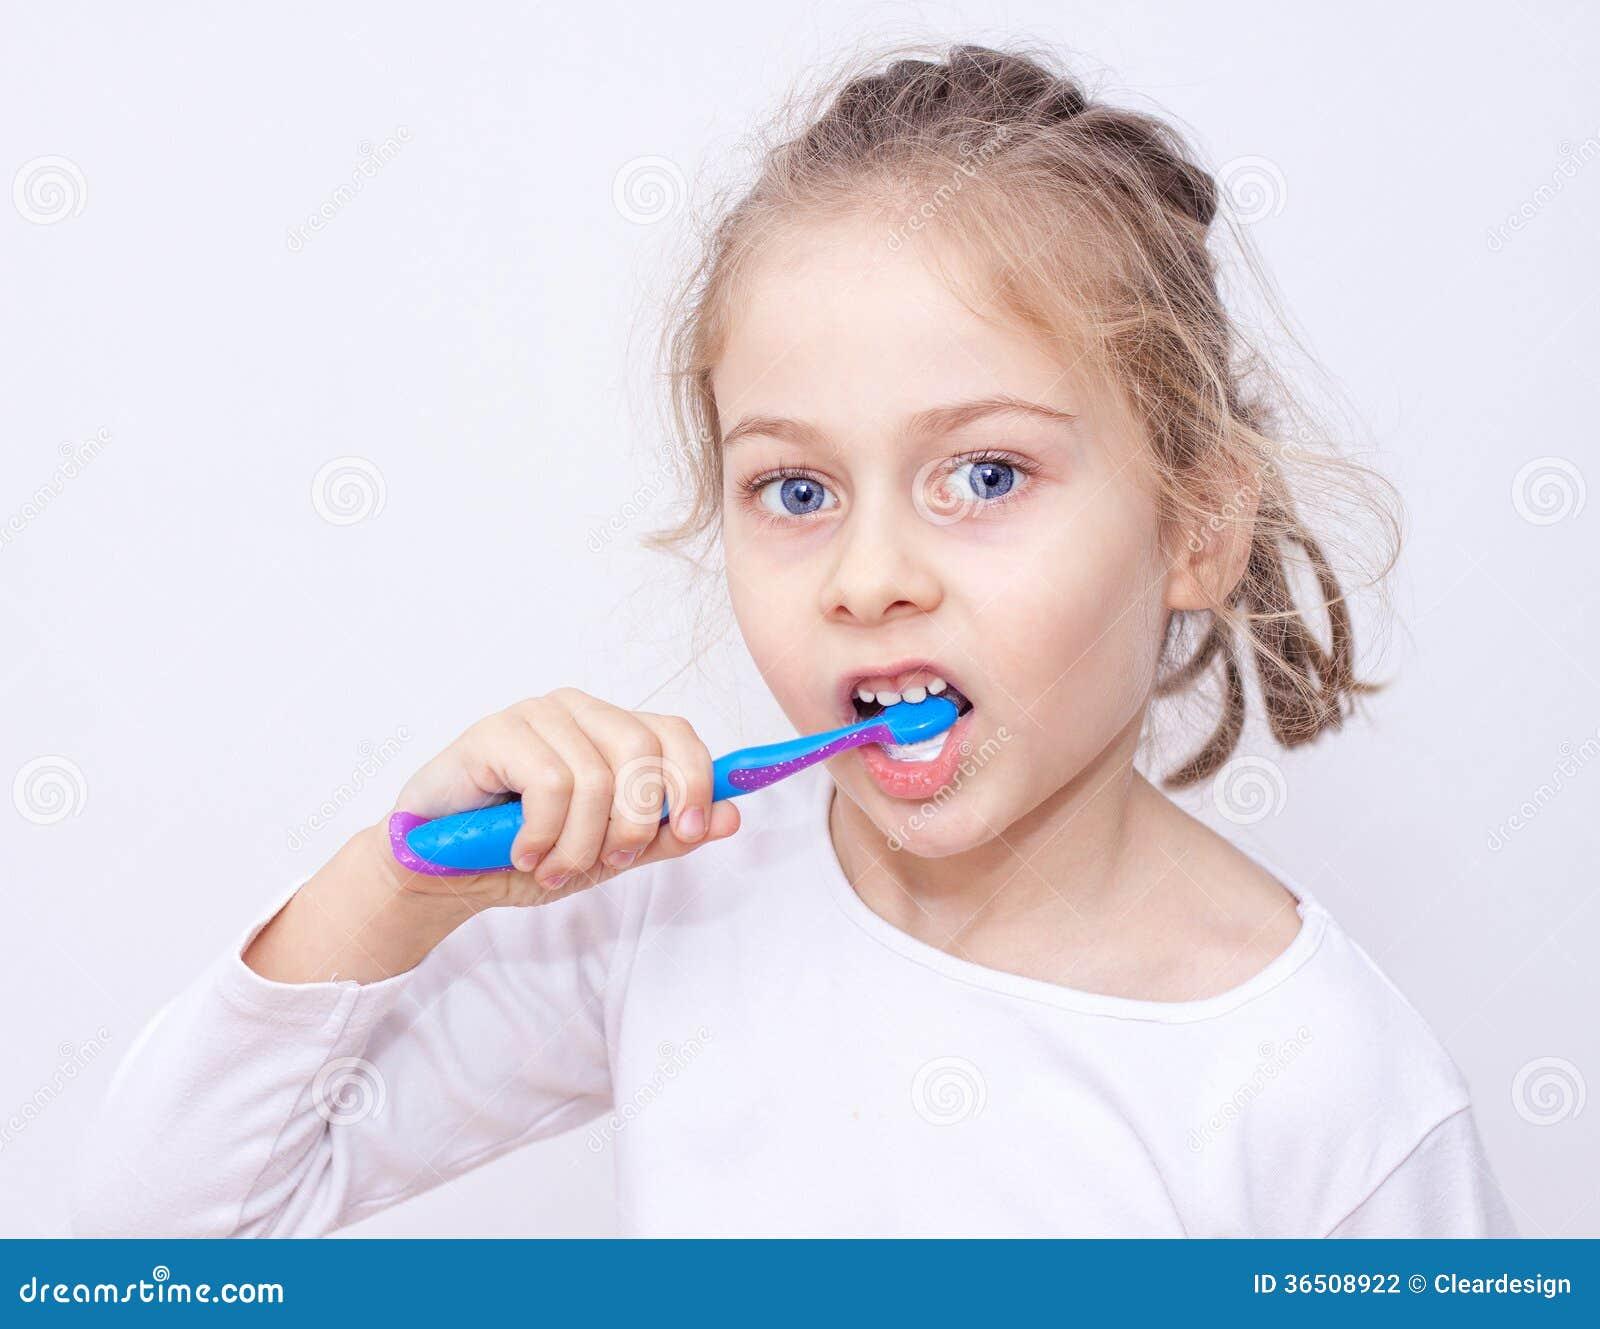 Fille d enfant dans des pyjamas brossant des dents - hygiène heure du coucher